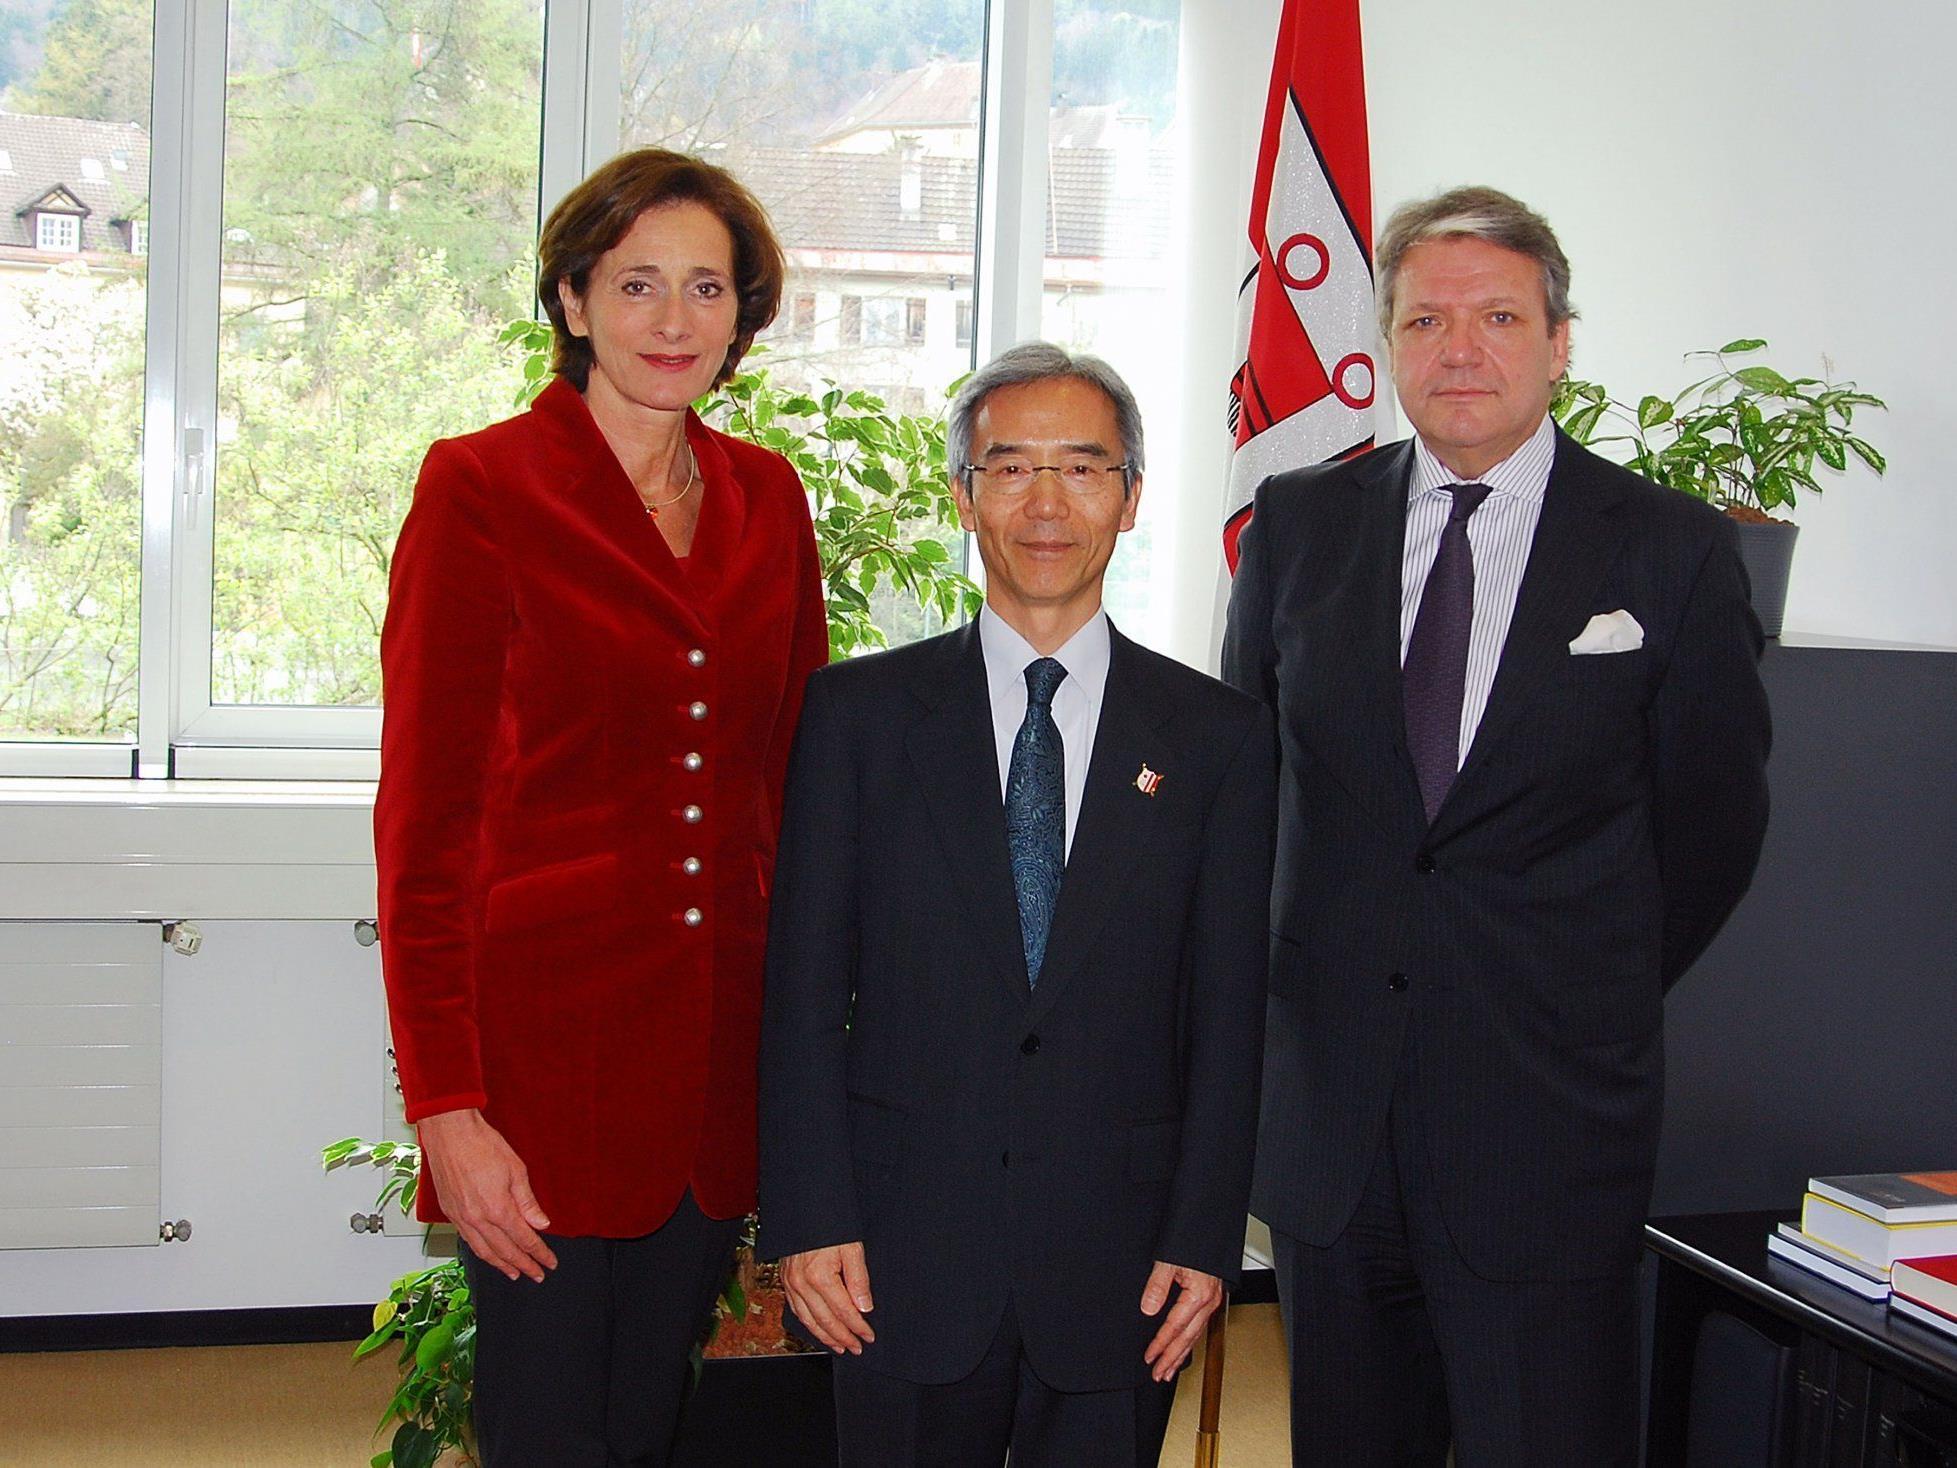 Japans Botschafter Shigeo Iwatani traf sich mit Landtagspräsidentin Bernadette Mennel zu einem Informationsgespräch (im Bild v.l.: LTP Bernadette Mennel, Botschafter Shigeo Iwatani und Honorarkonsul Leo Peter Exner).